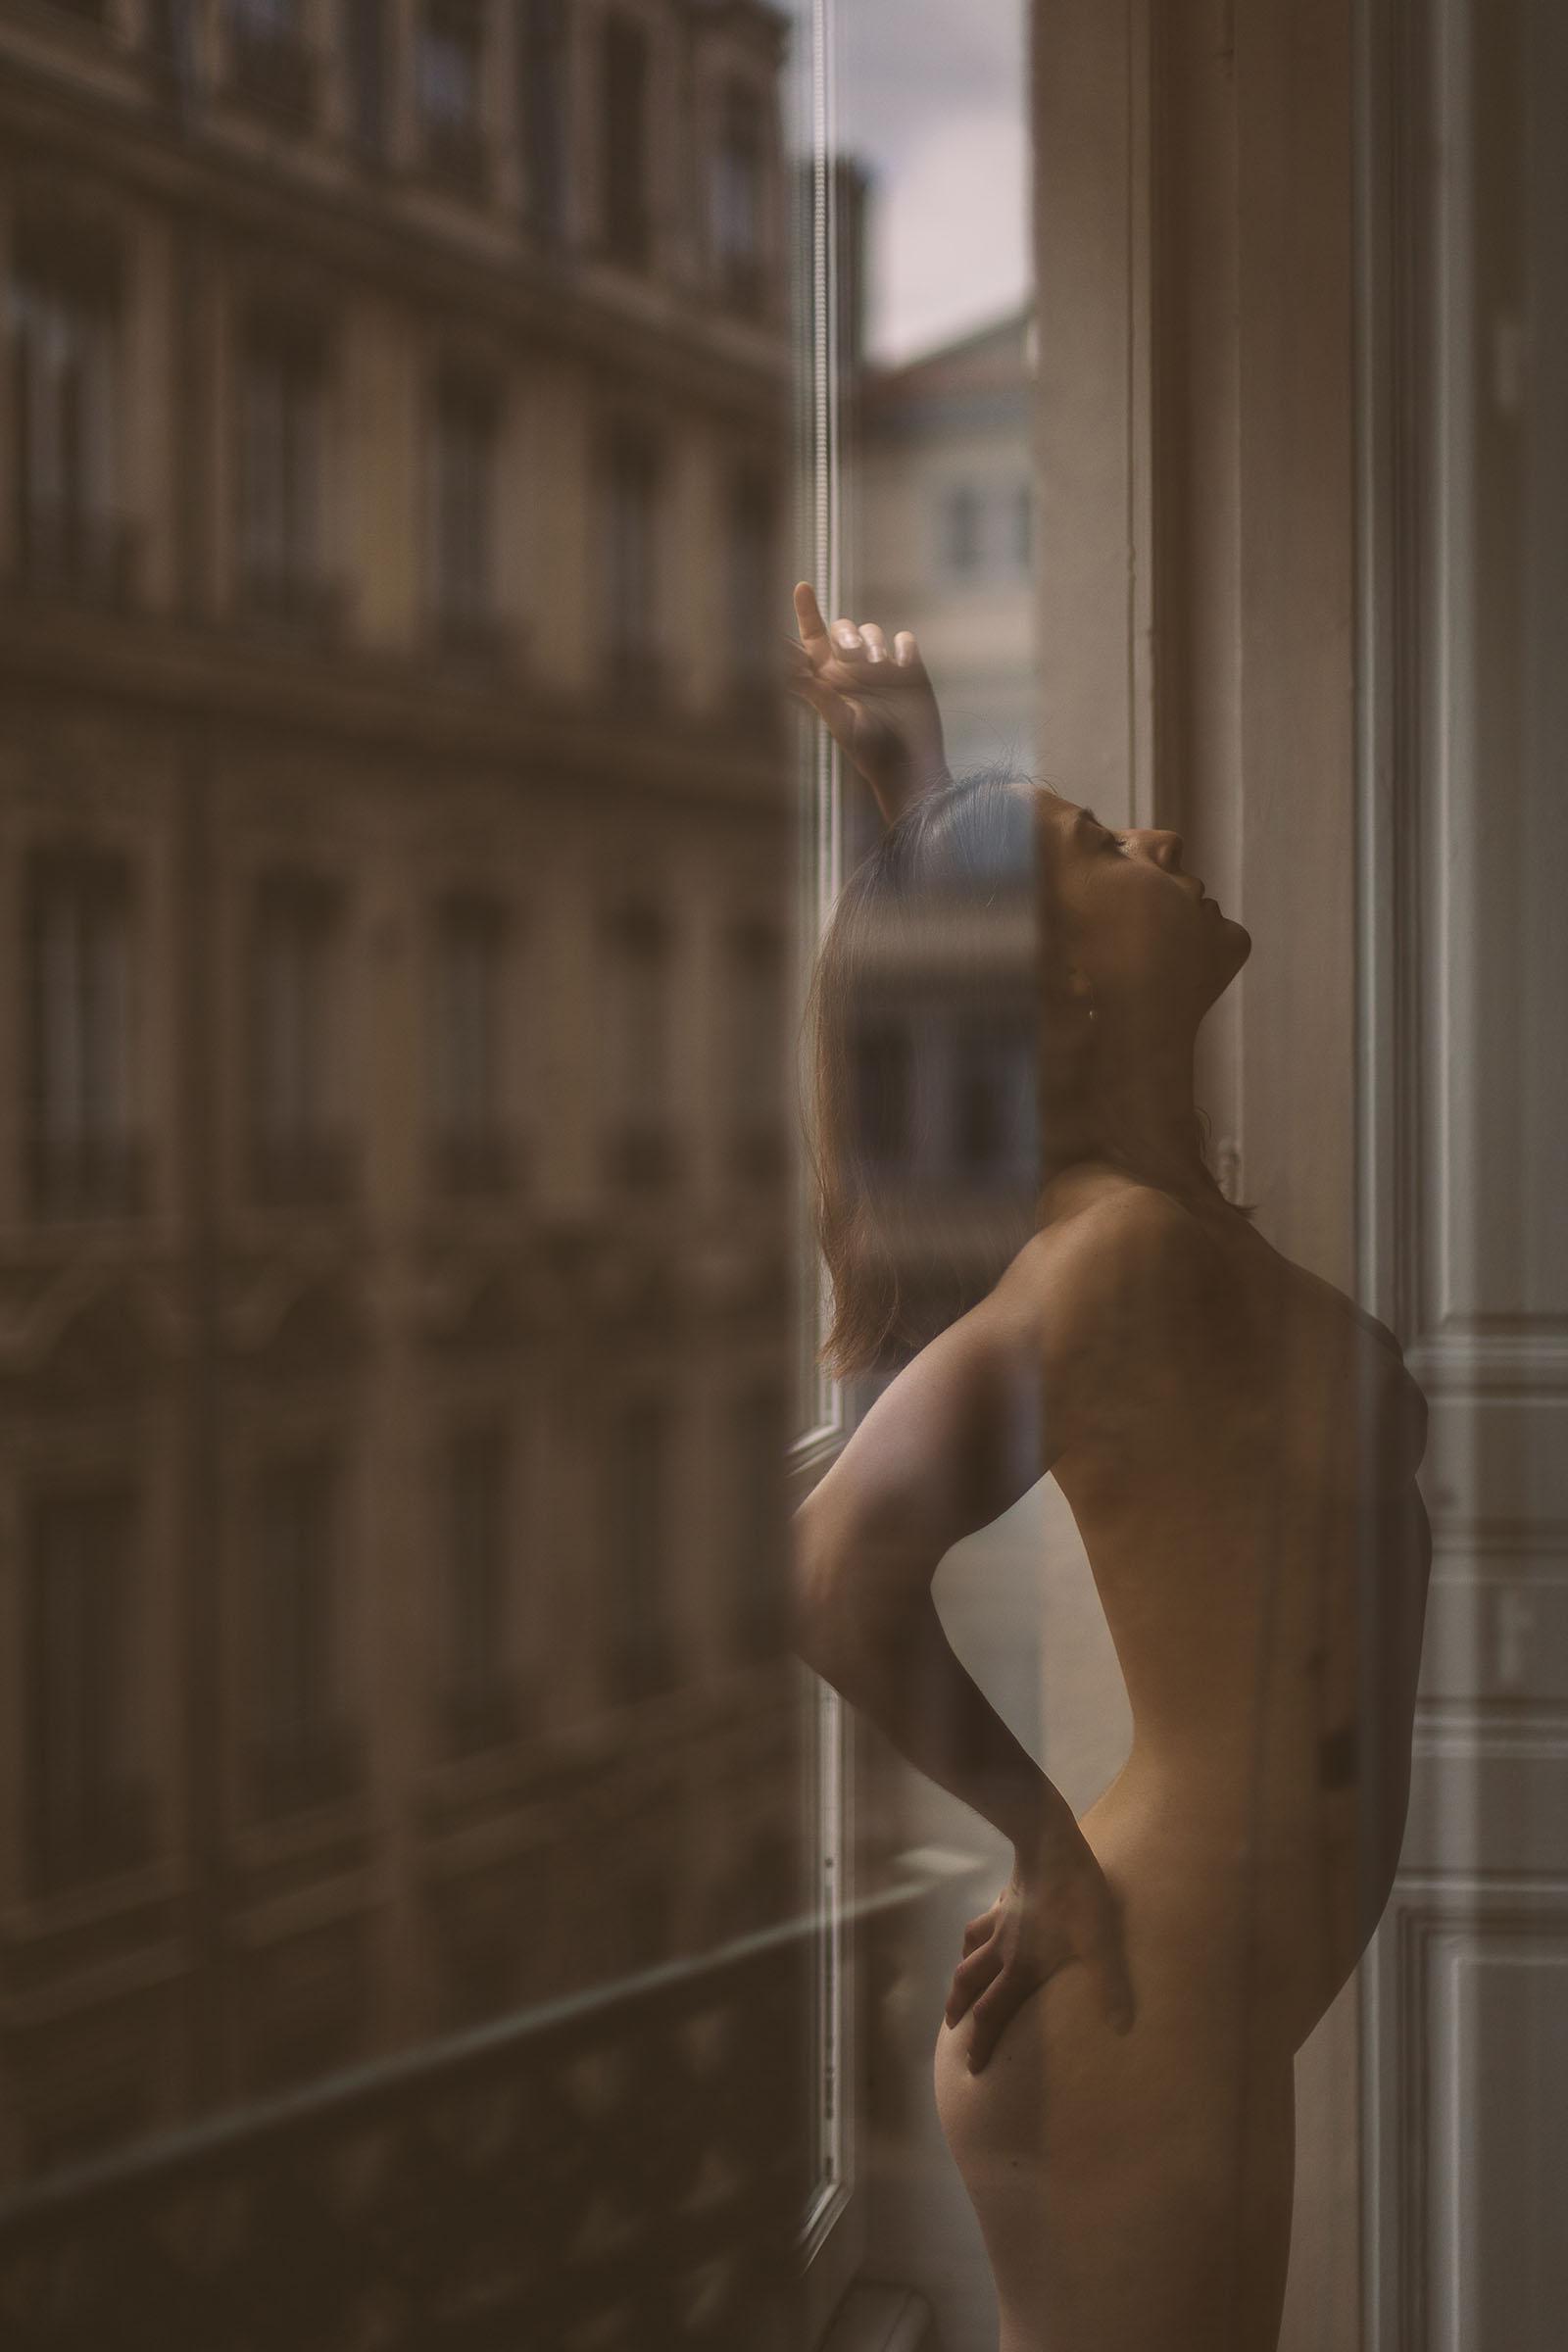 Du glamour, des courbes et une belle lumière séance photo sensuel à Lyon femme nue devant une fenêtre avec les reflets de la ville